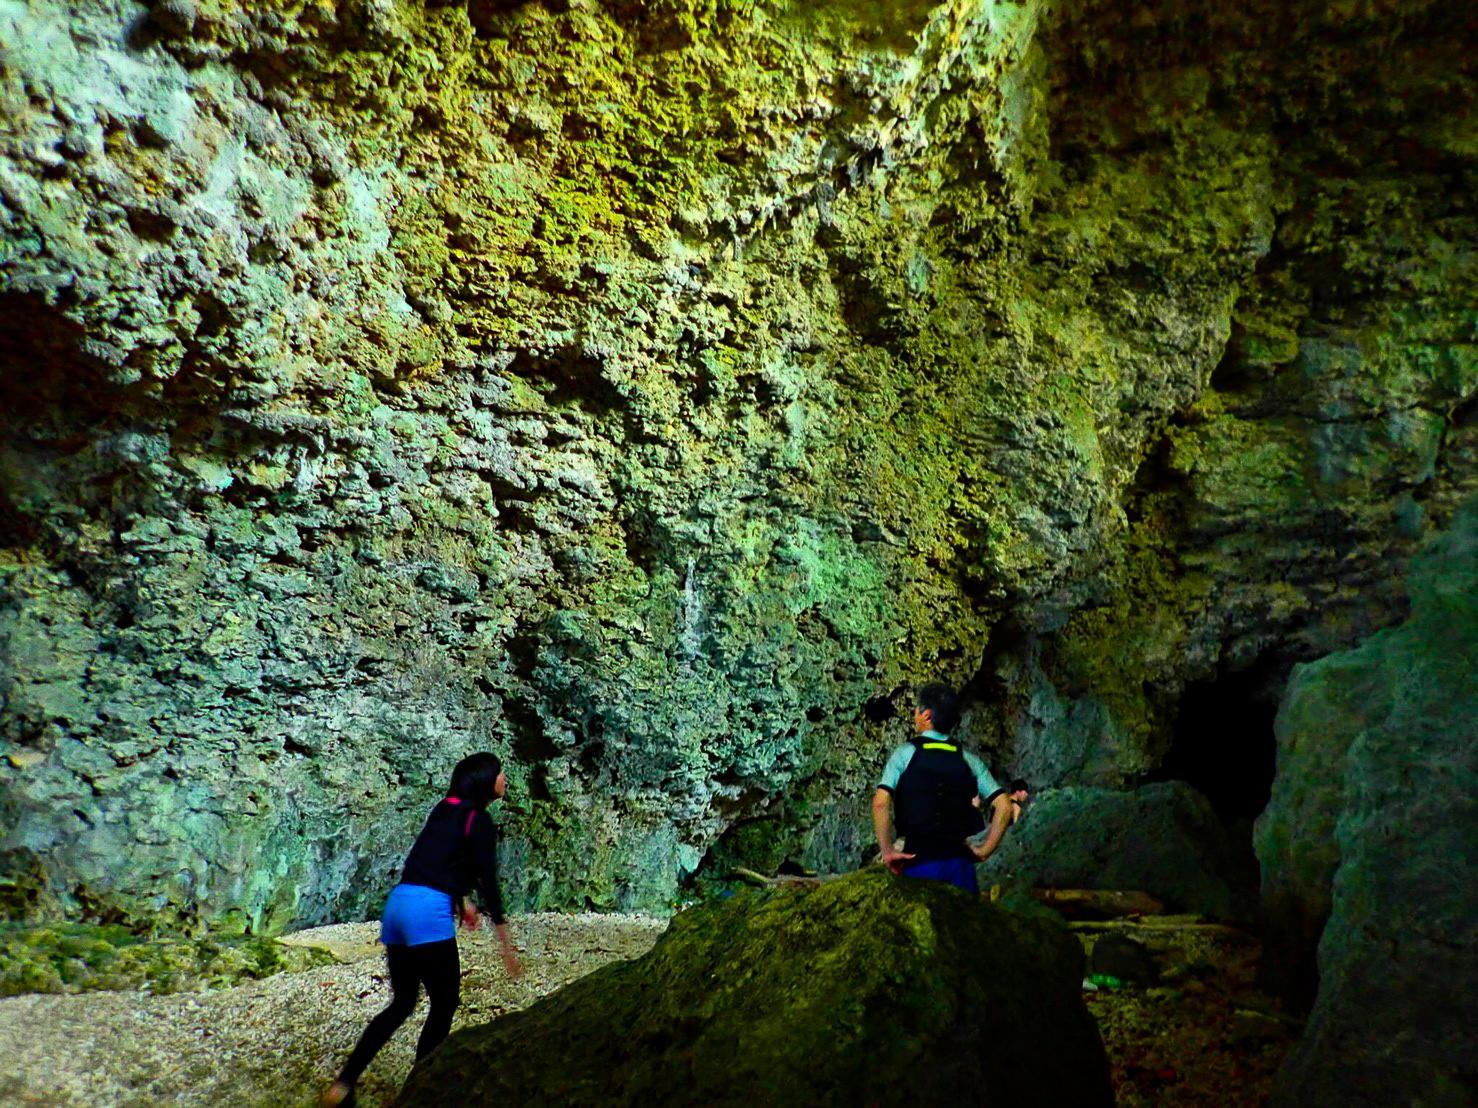 青の洞窟内を探索するカップル